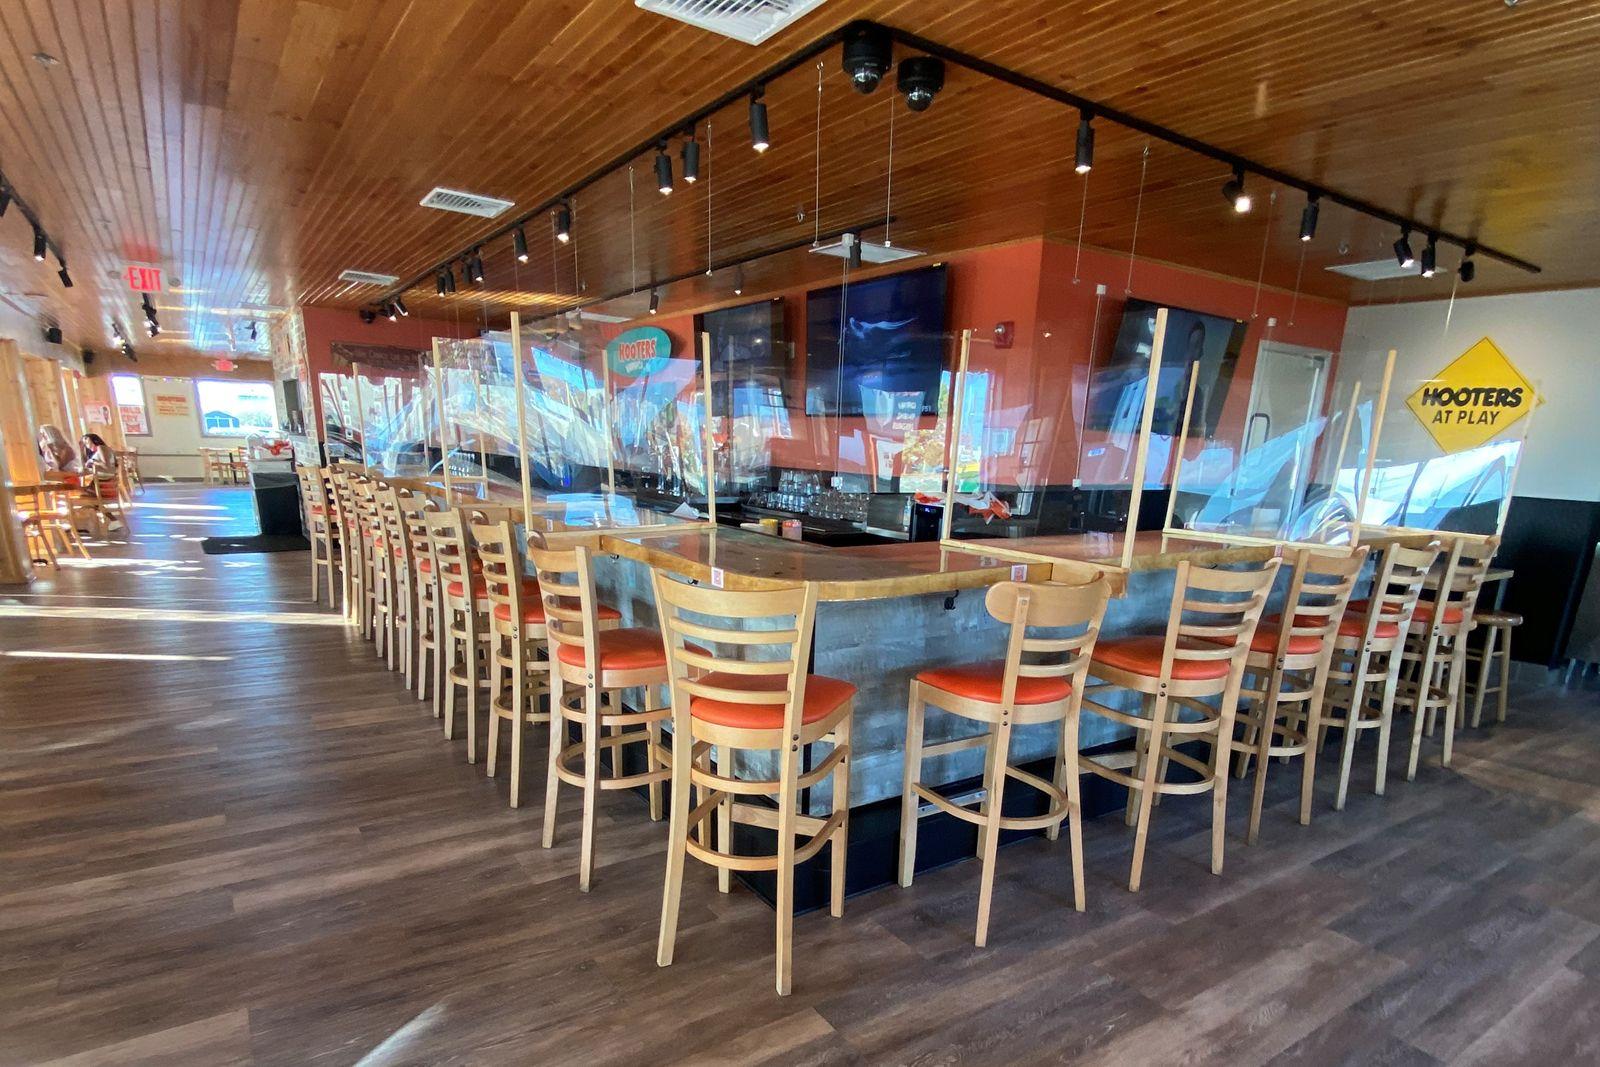 Hooters reabre su ubicación en Warwick, Rhode Island